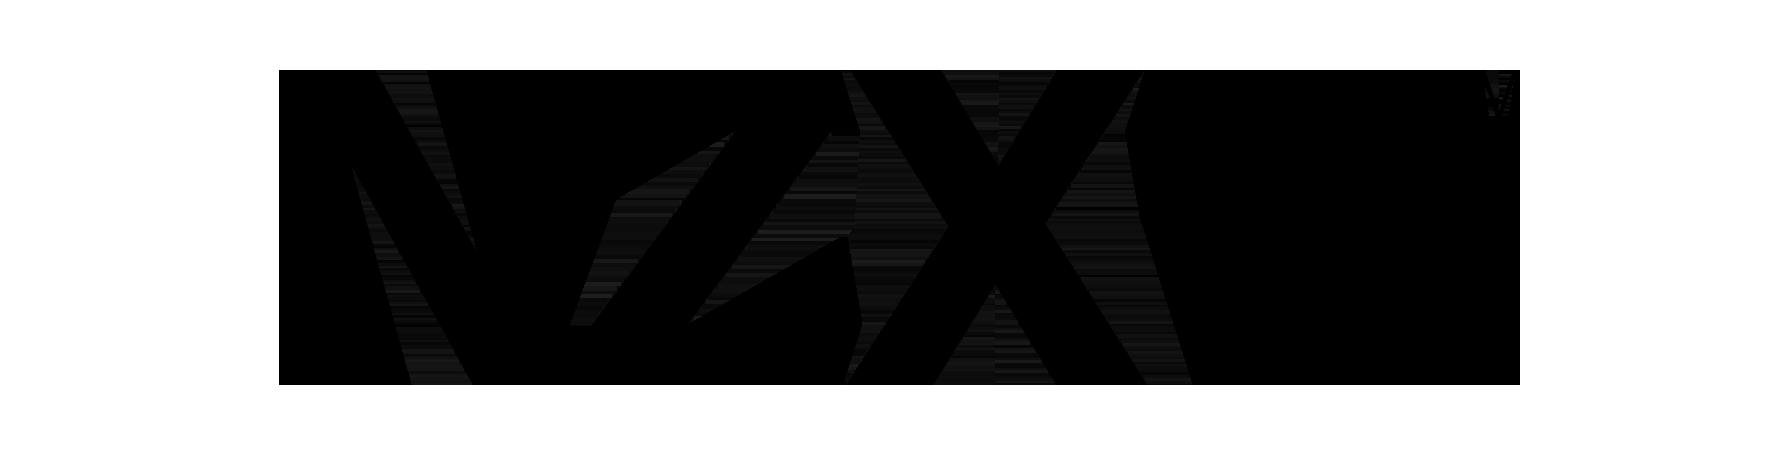 nzxtlogo2.png